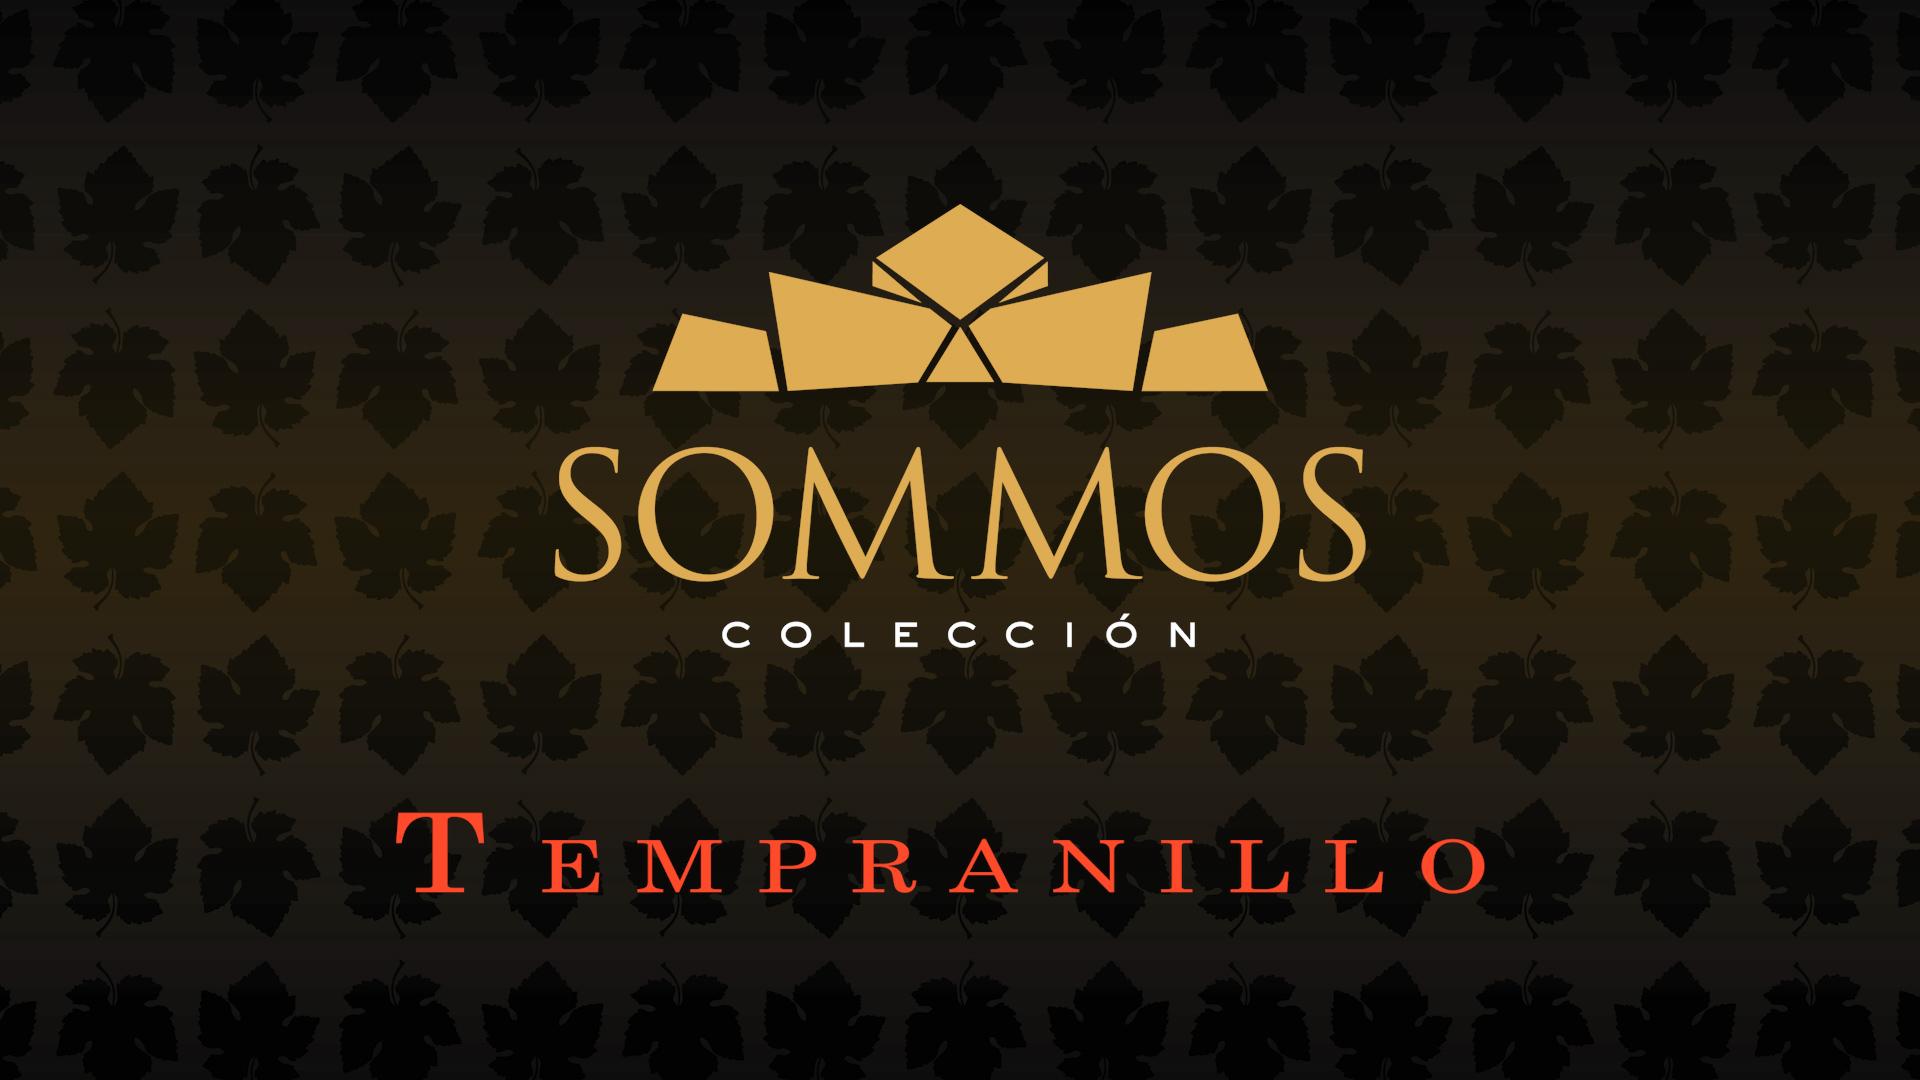 SOMMOS Colección - Tempranillo